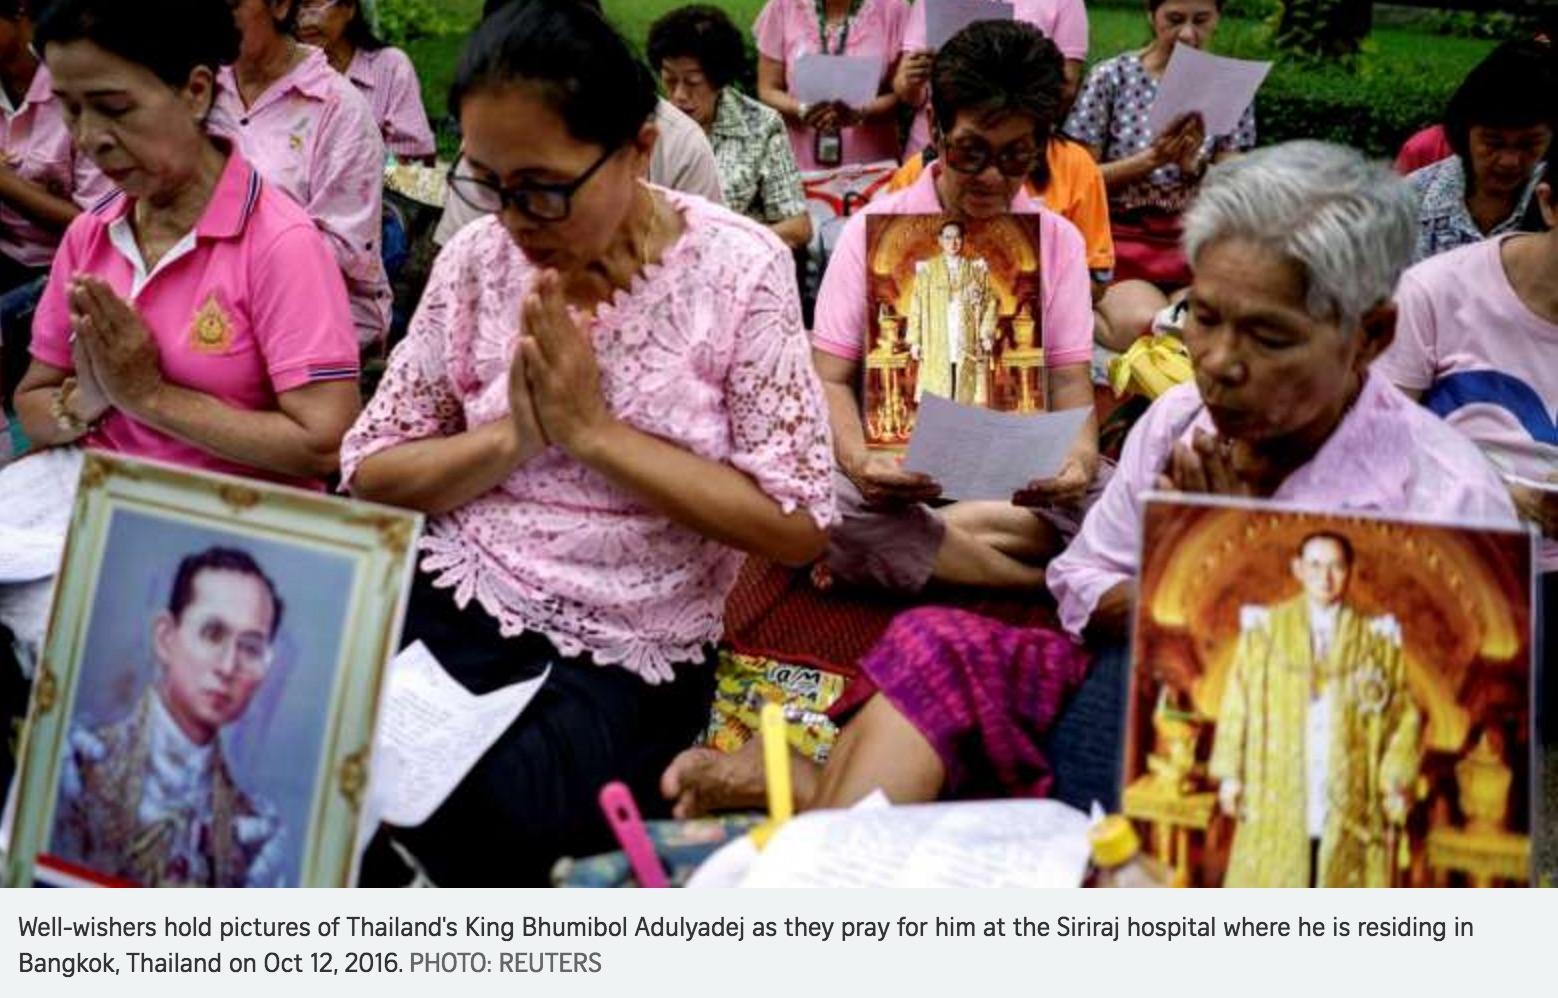 Avant l'annonce officielle de son décès par le palais royal thaïlandais, environ 500 personnes sont venues prier devant l'hôpital où était soigné le roi Bhumibol. Copie d'écran du Straits Times, le 13 octobre 2016.